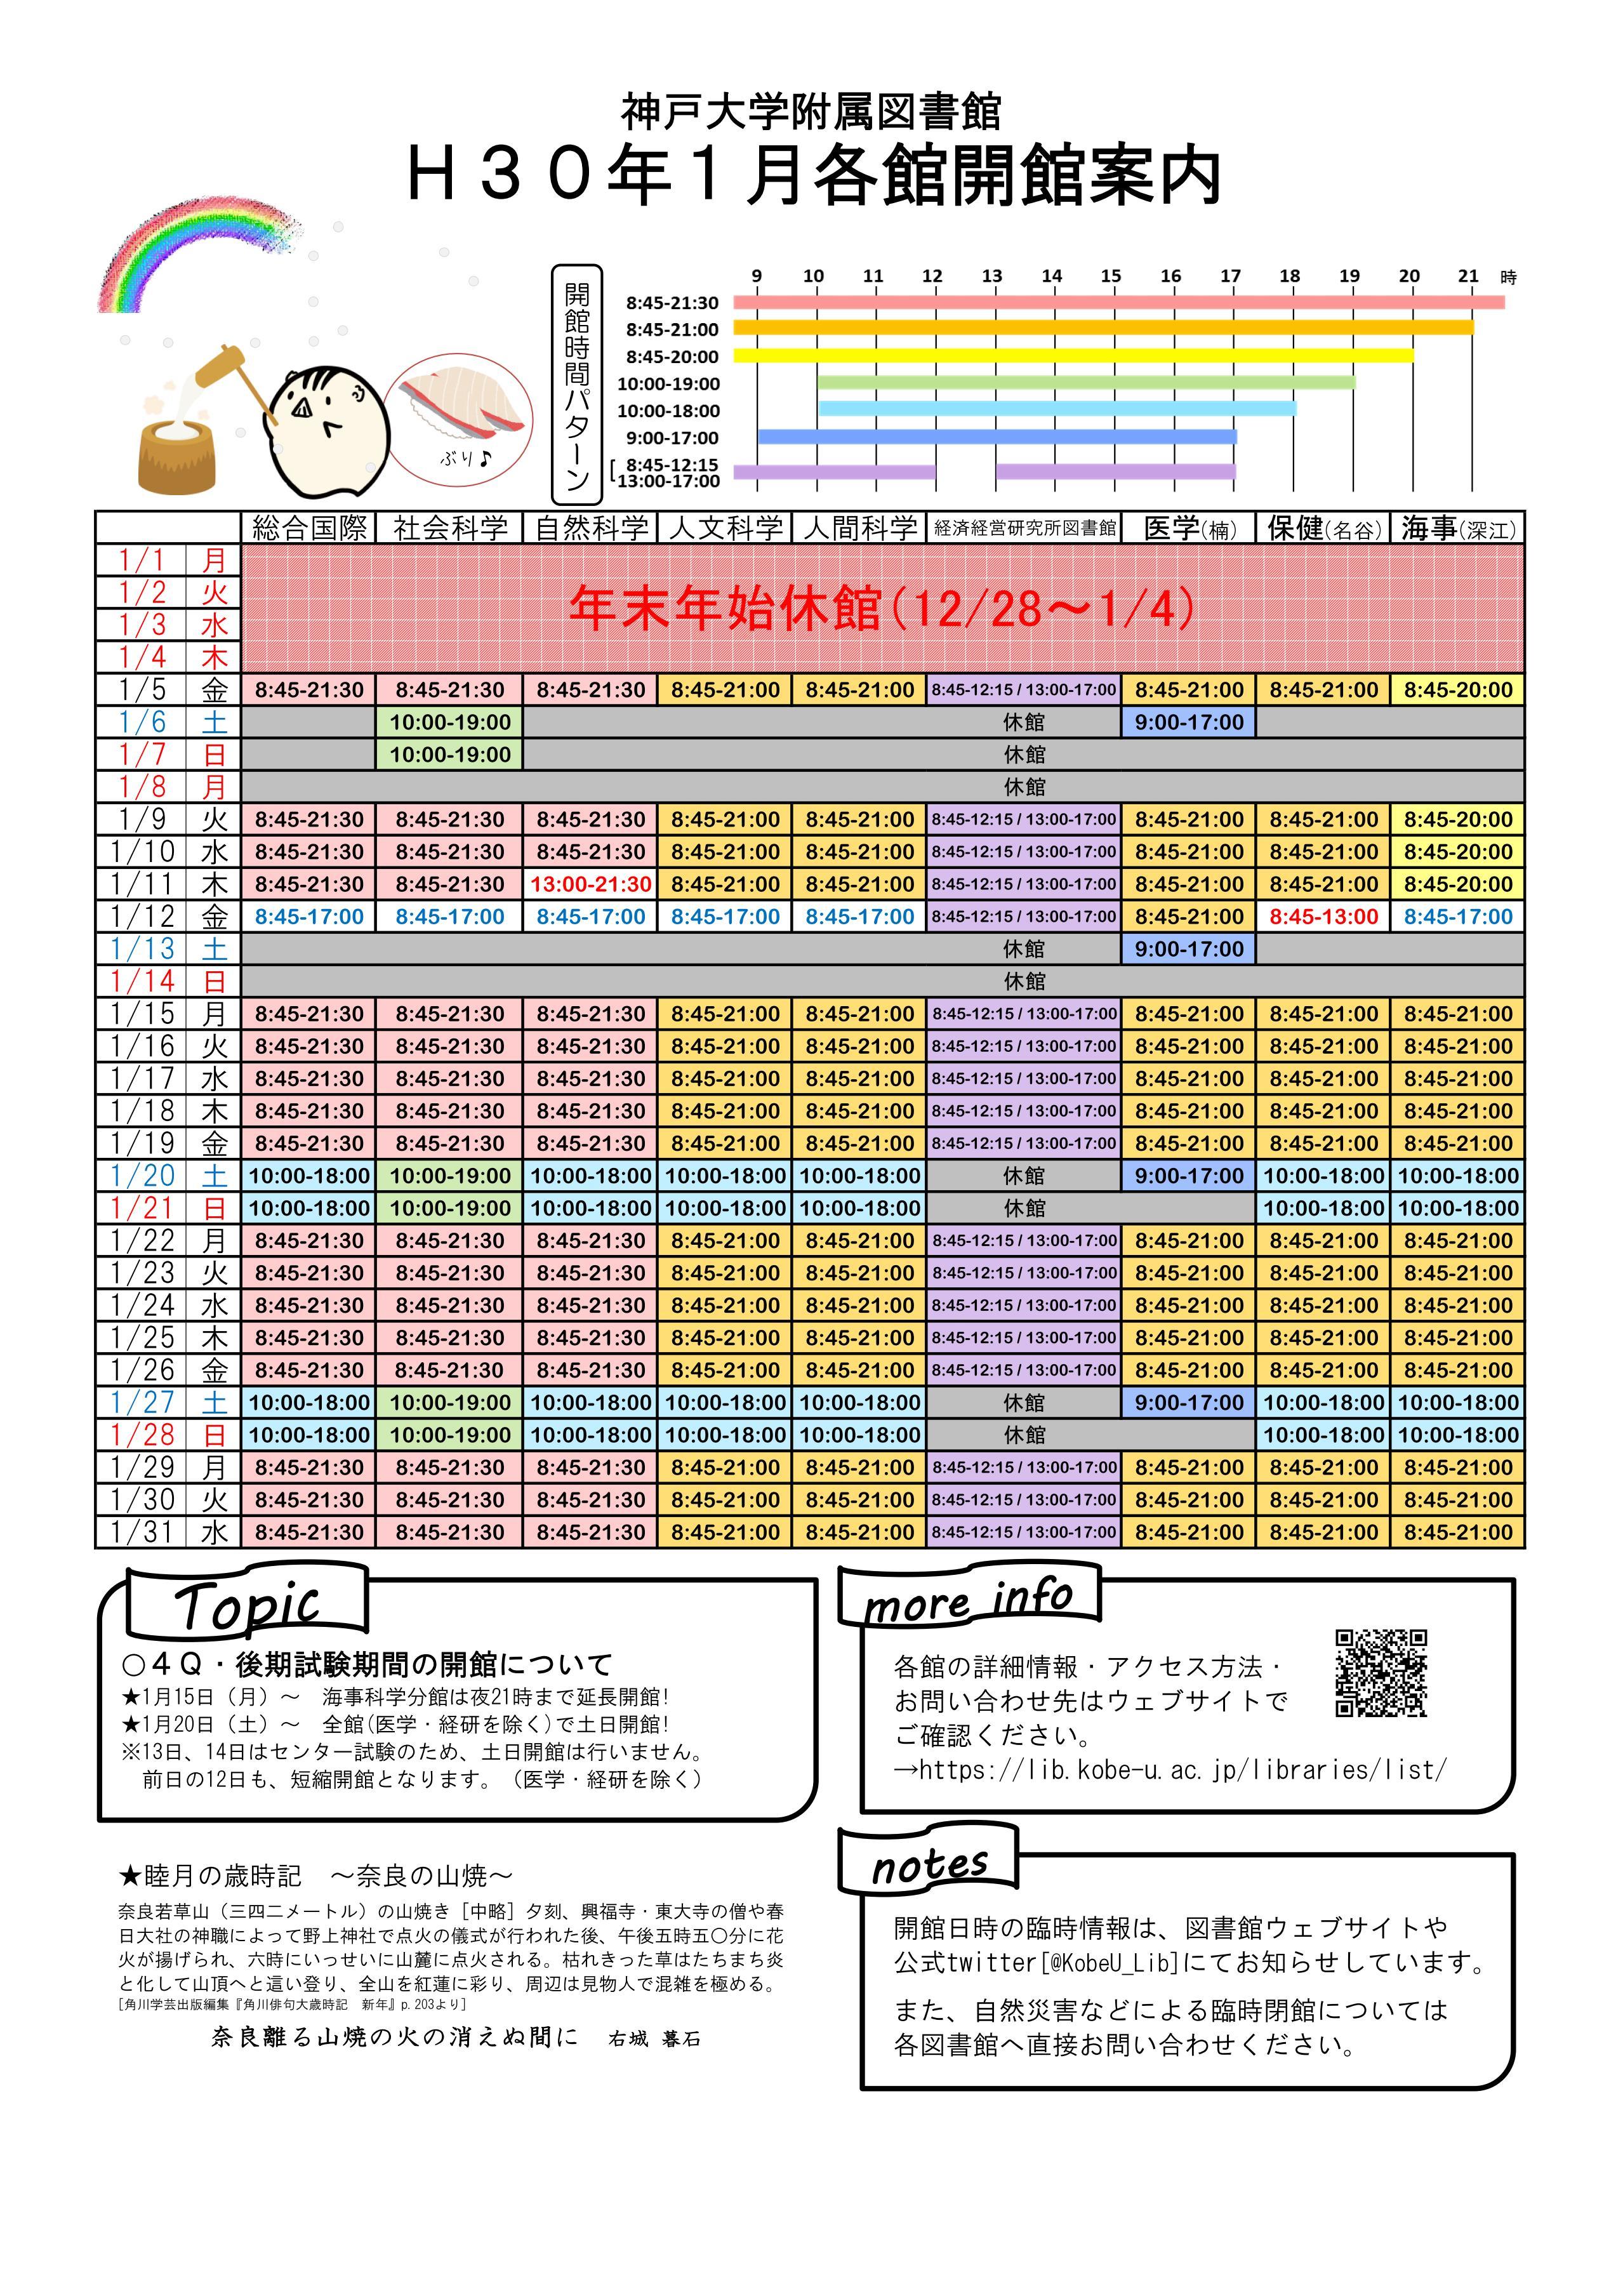 平成30年1月図書館各館開館案内カレンダー